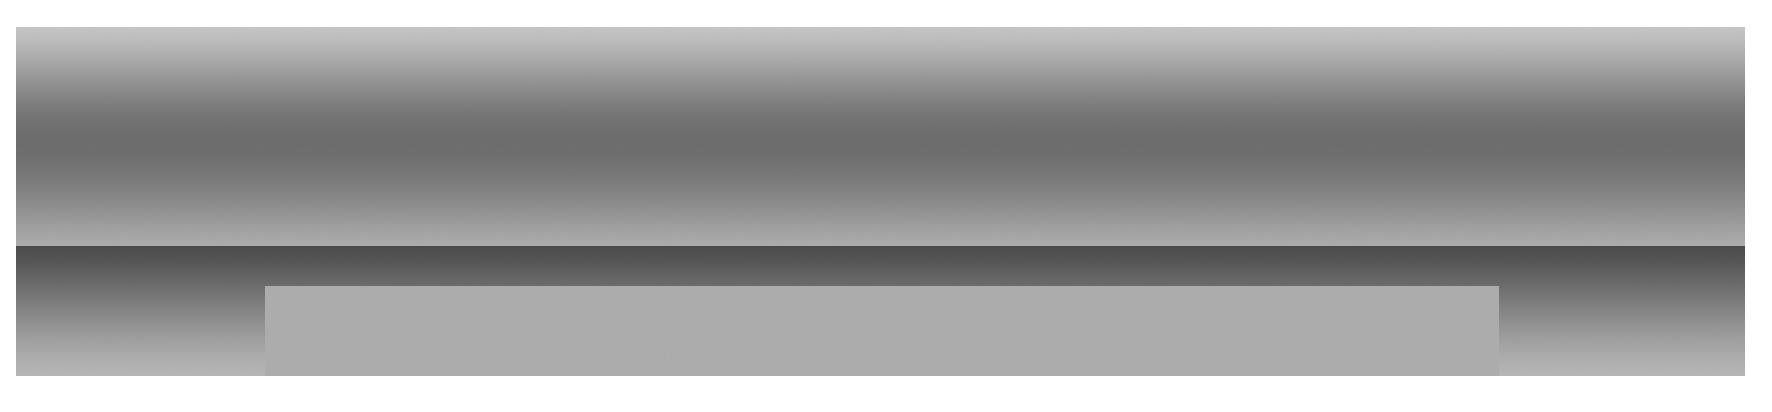 Arabelle Meirlaen – Cuisine Intuitive Cuisine intuitive